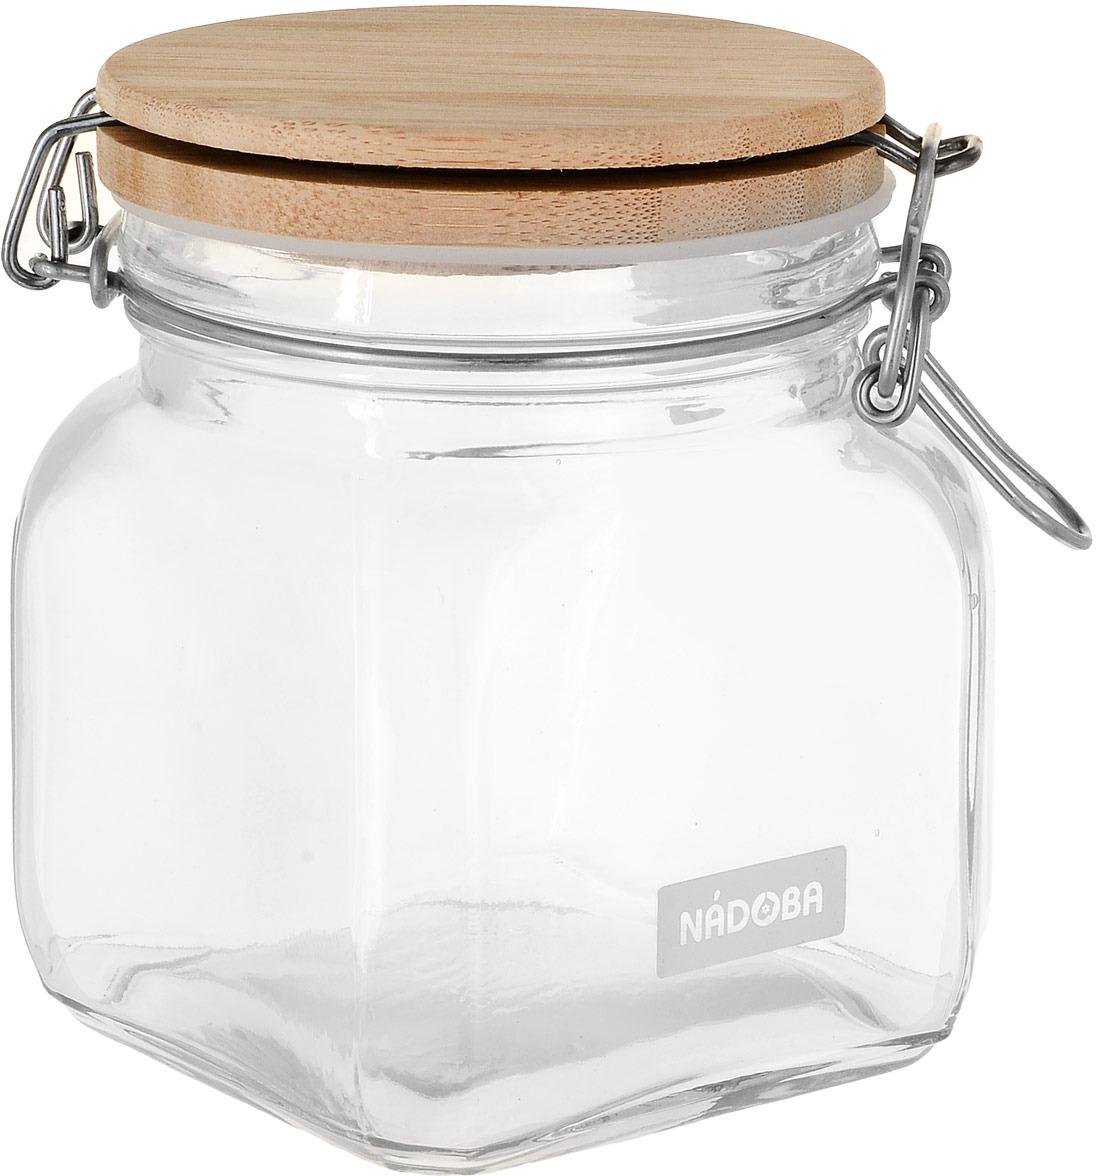 Емкость для сыпучих продуктов Nadoba Dasa, с крышкой с замком, 0,7 л емкость для сыпучих продуктов nadoba dasa 1 2 л